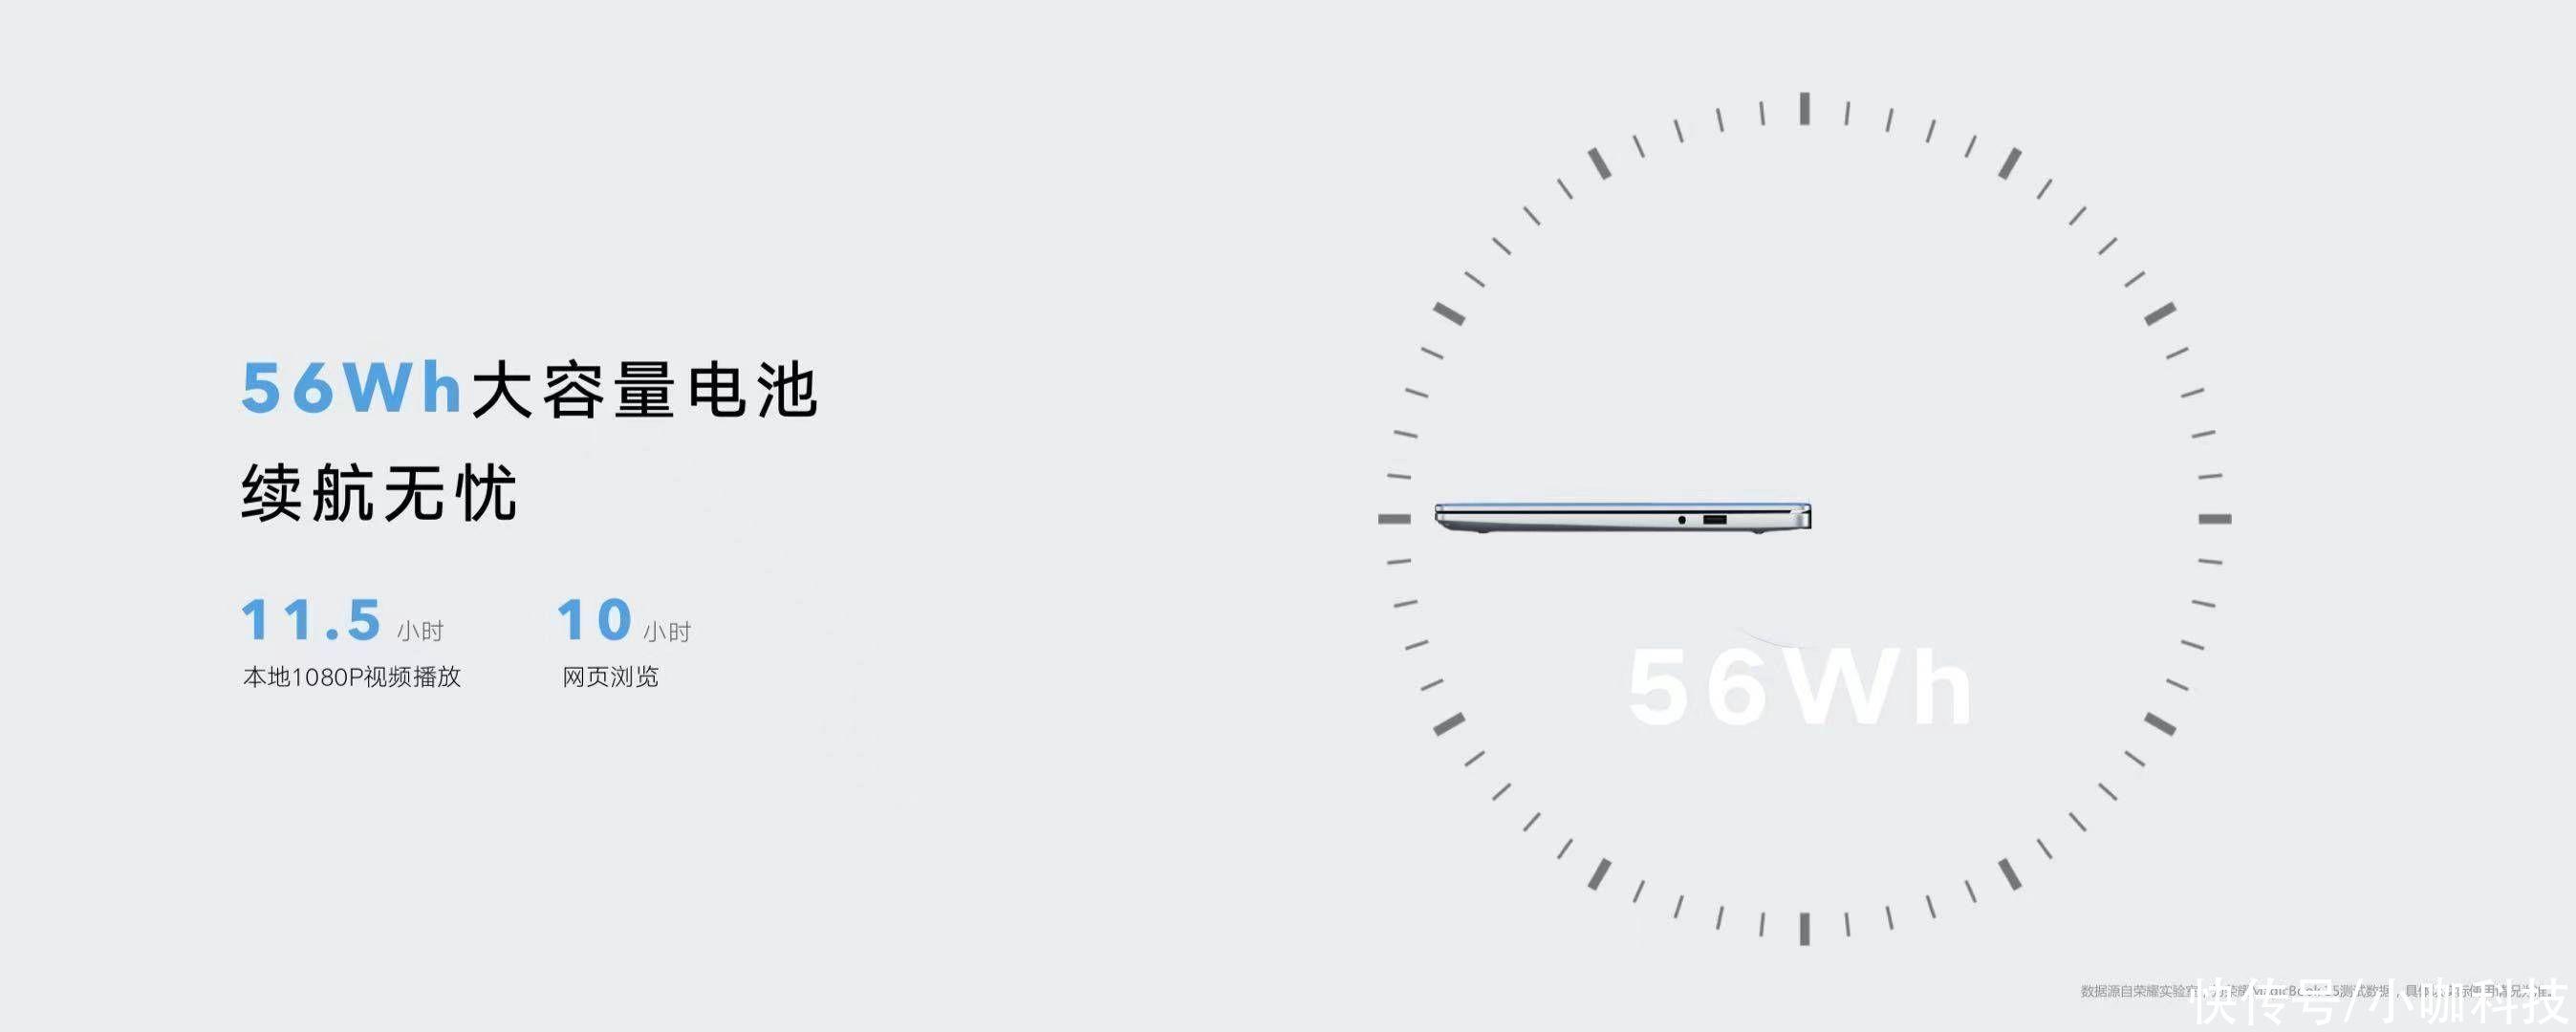 行业|荣耀MagicBook 14/15锐龙版2021款发布,再次树立行业轻薄本新标杆